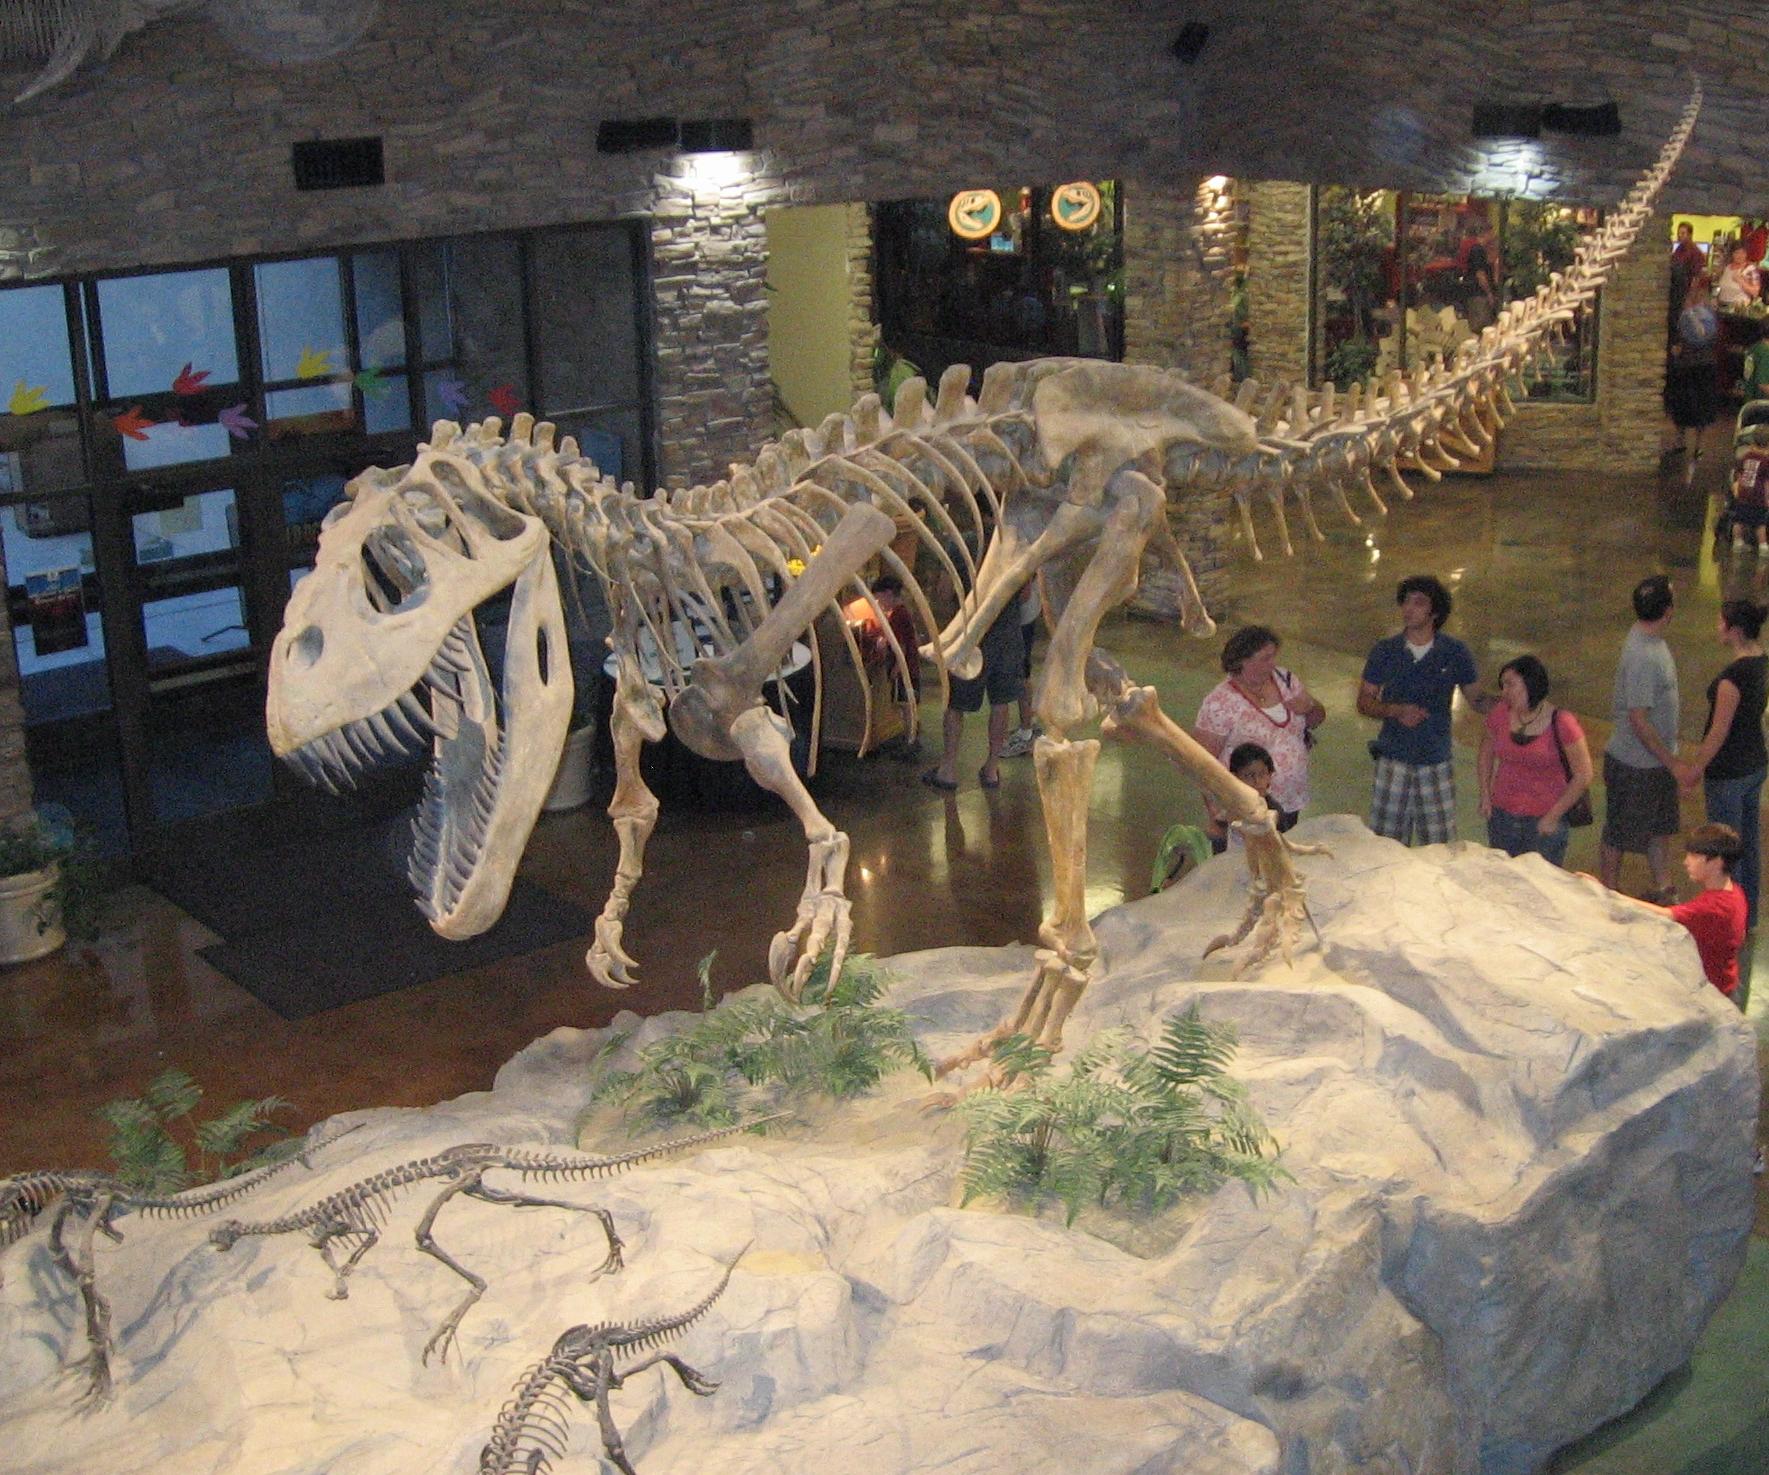 b977b85fd4ed56227c09987767b12578 В Португалии открыли новый вид хищных динозавров